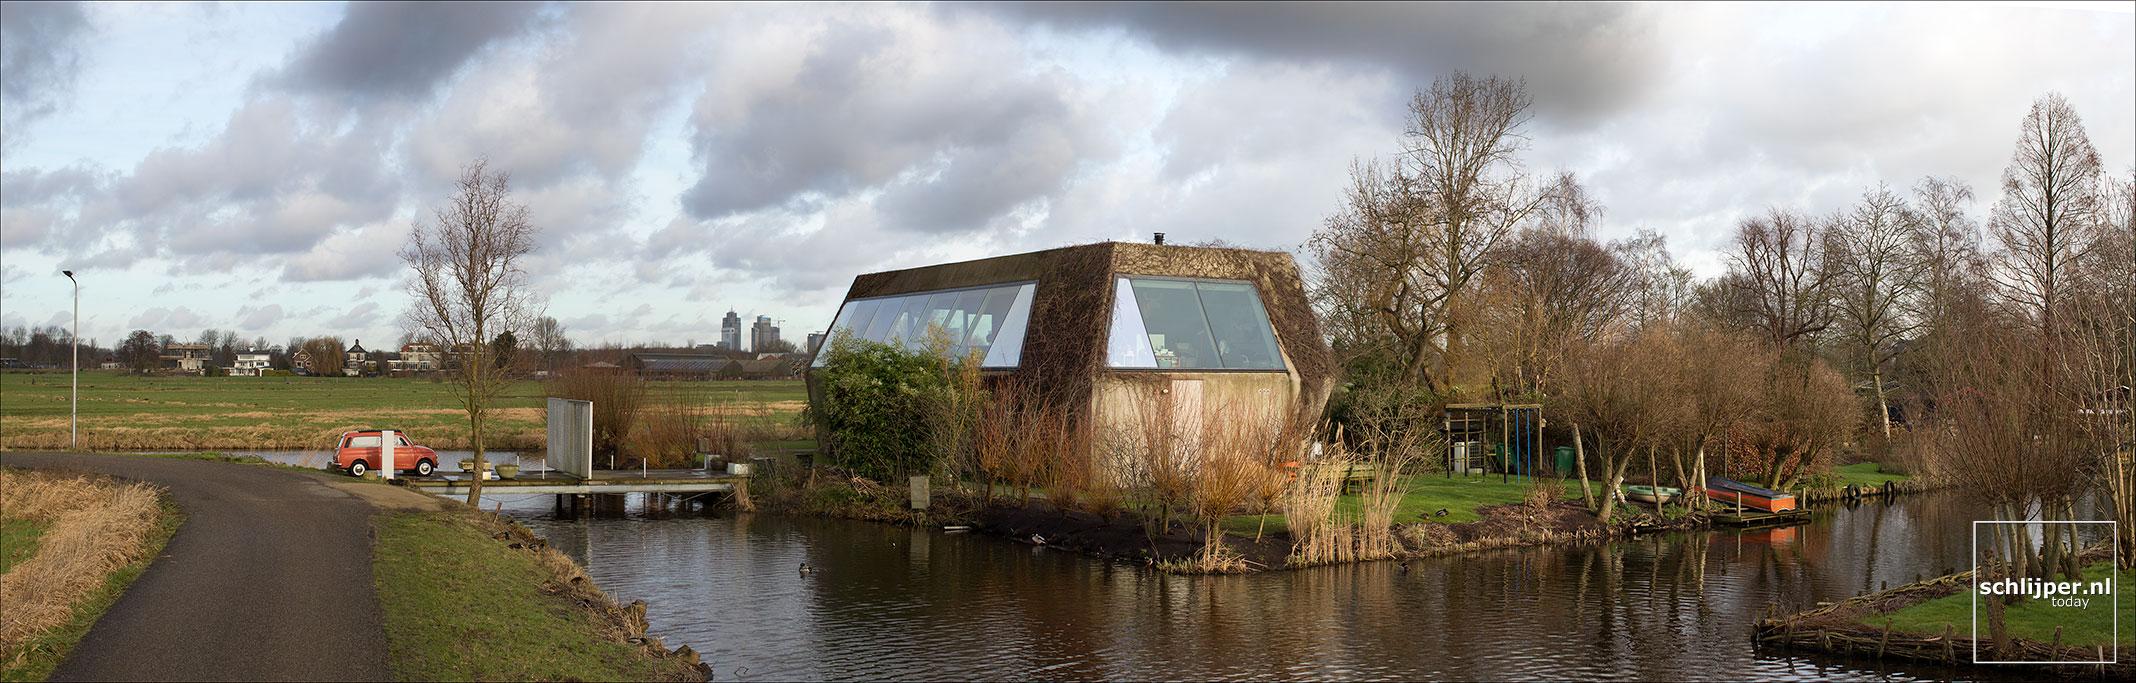 Nederland, Amstelveen, 30 januari 2018